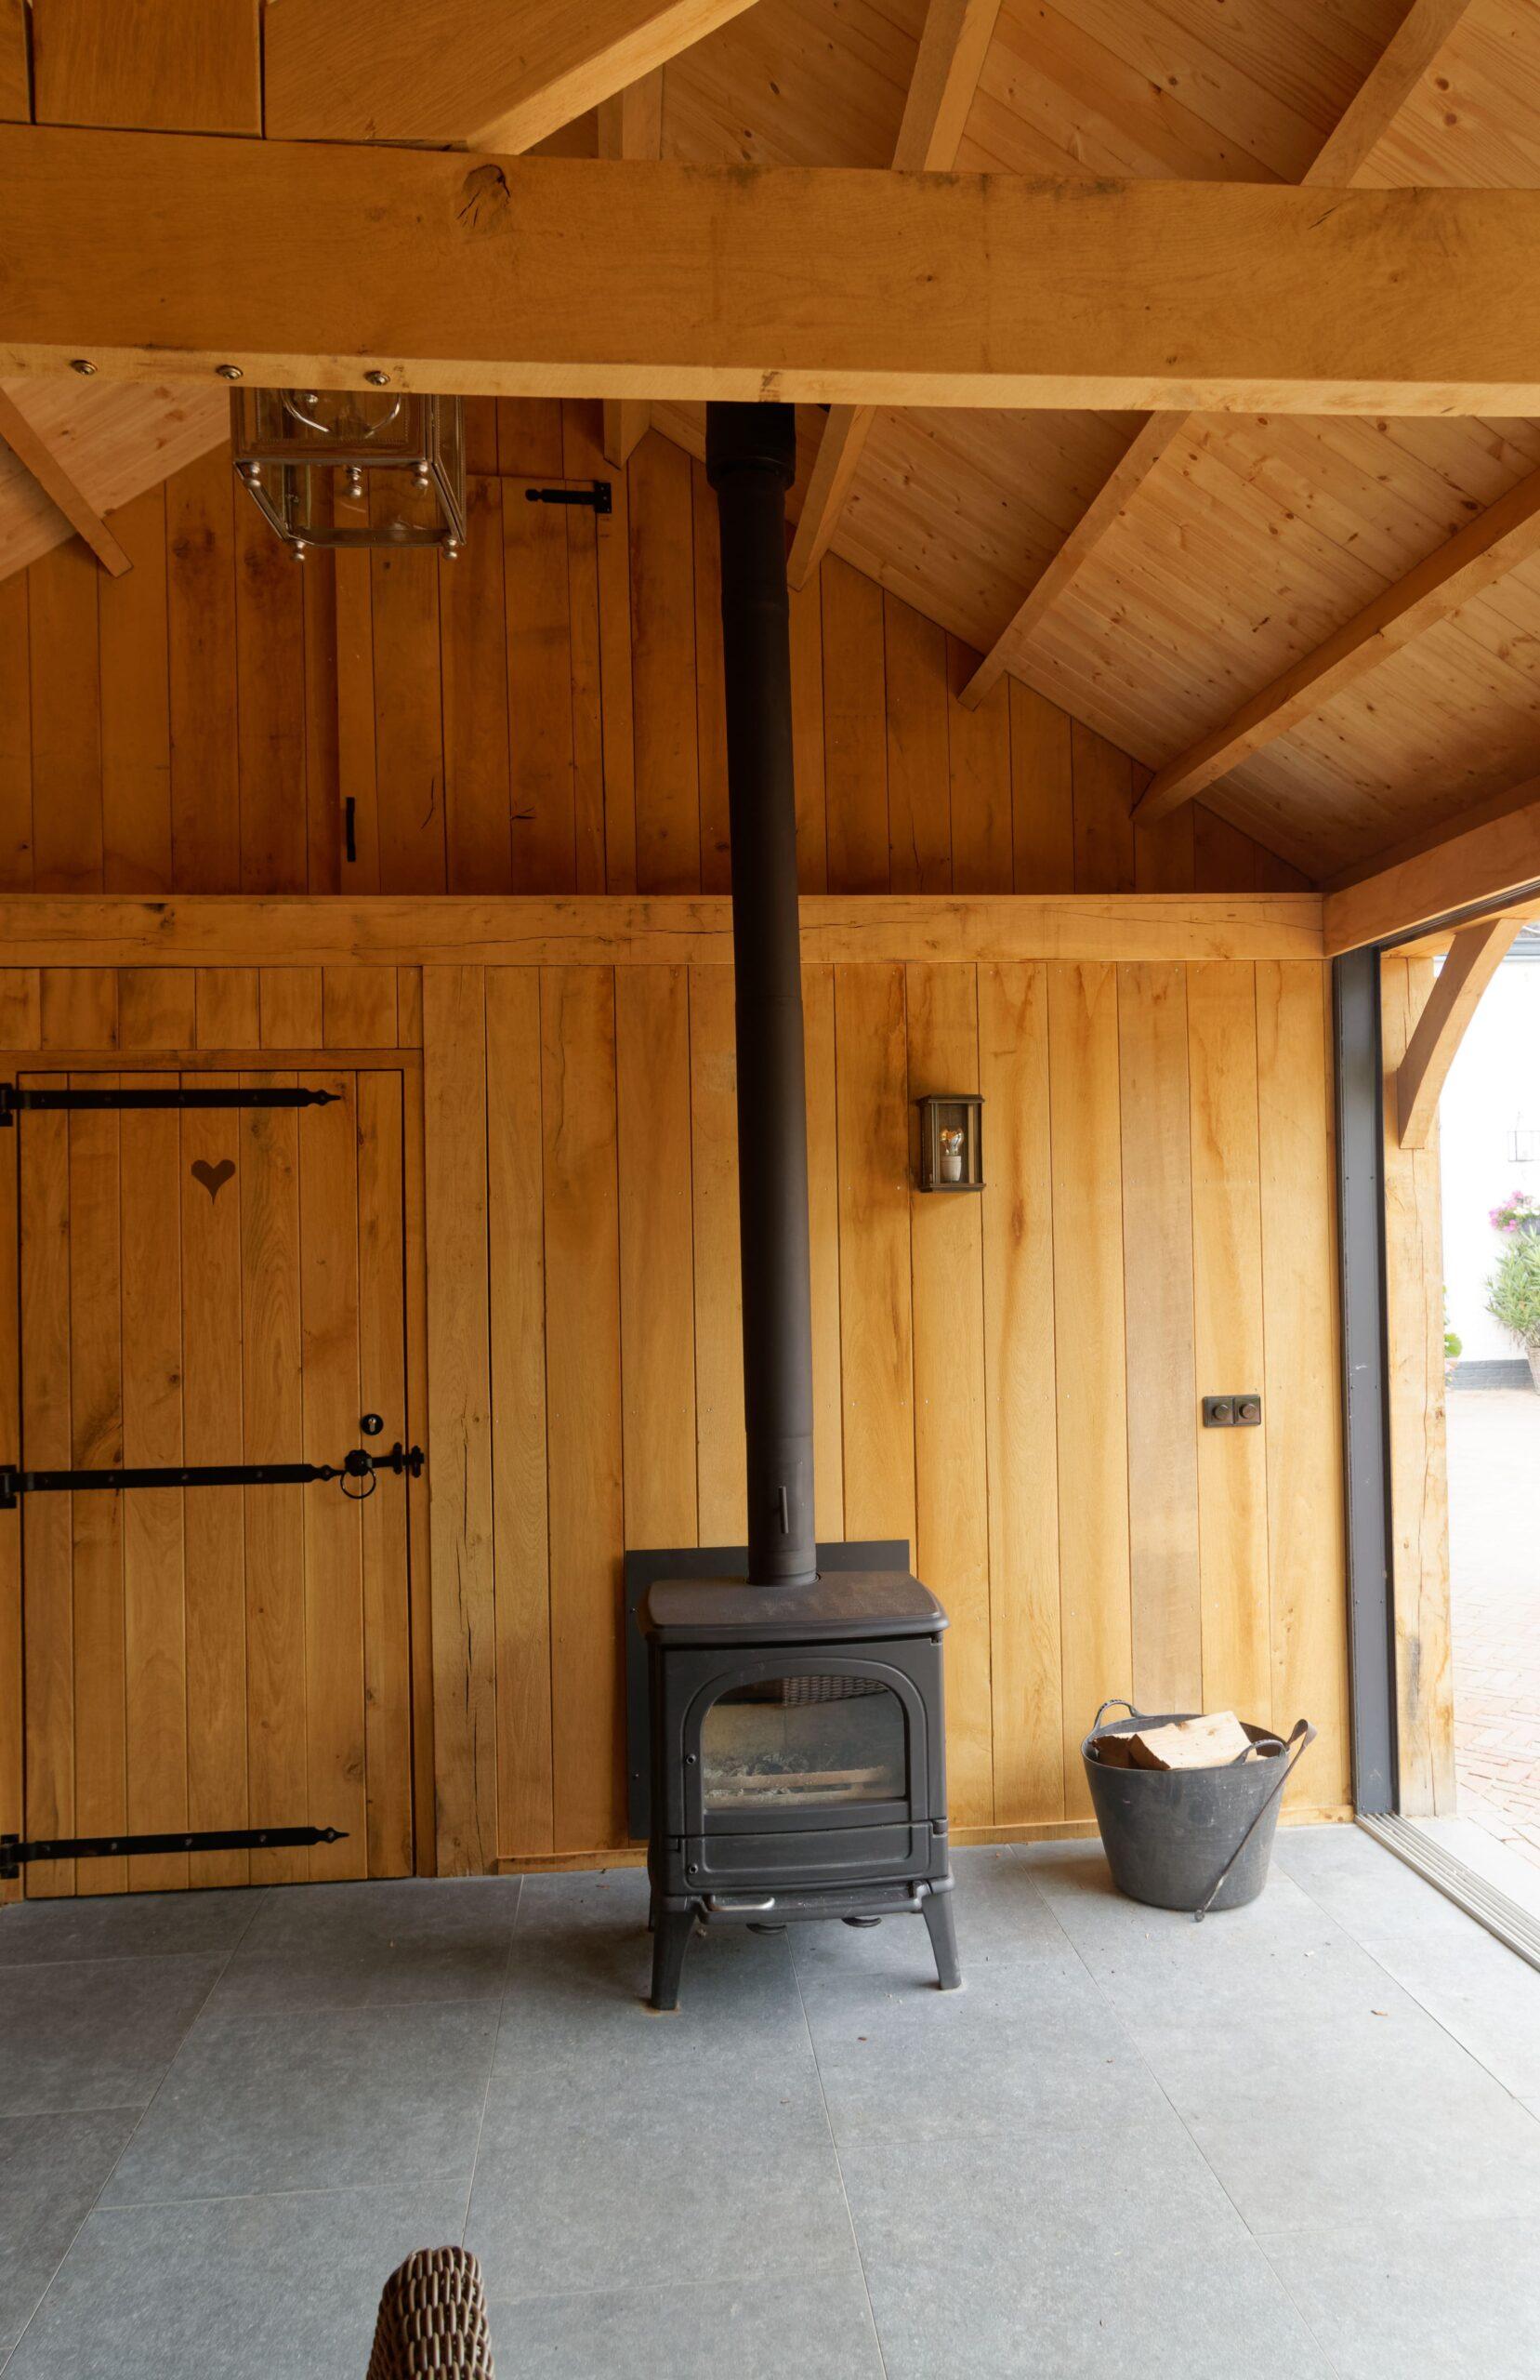 Eiken-bijgebouw-12-scaled - Project Laren: Houten schuur met sauna en tuinkamer